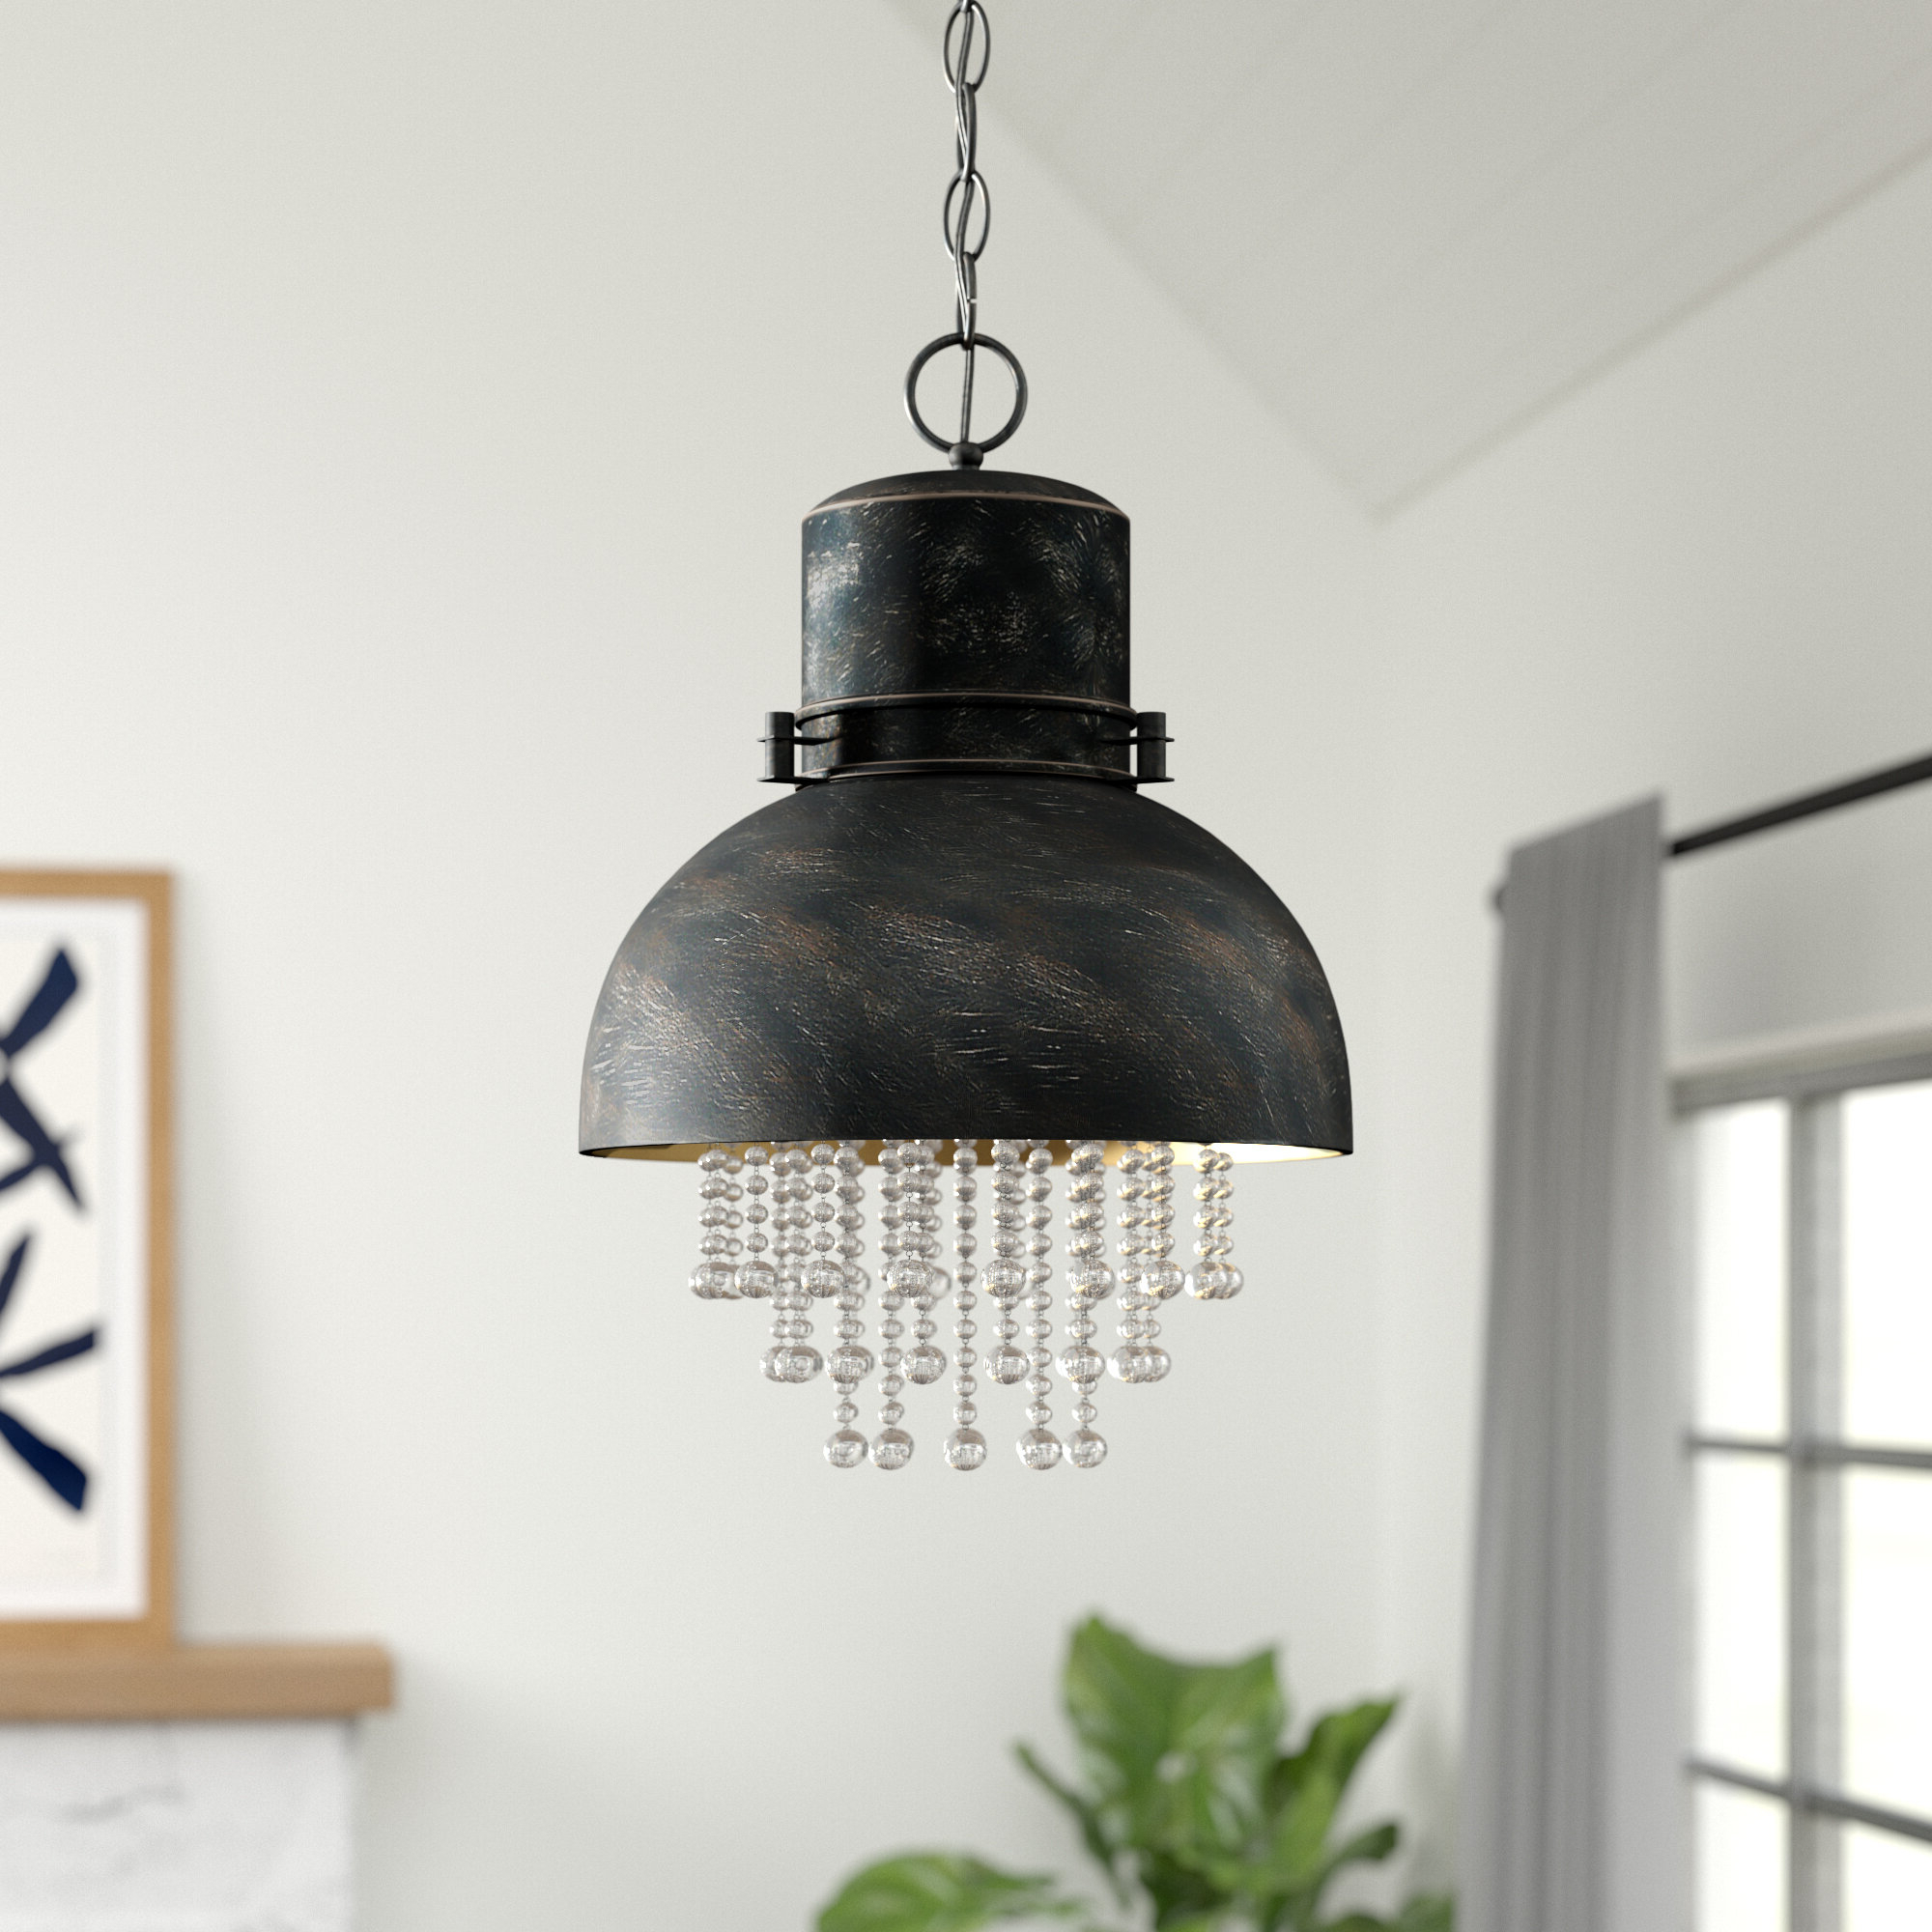 Bodalla 1-Light Single Bell Pendants intended for Current Monadnock 1-Light Single Dome Pendant